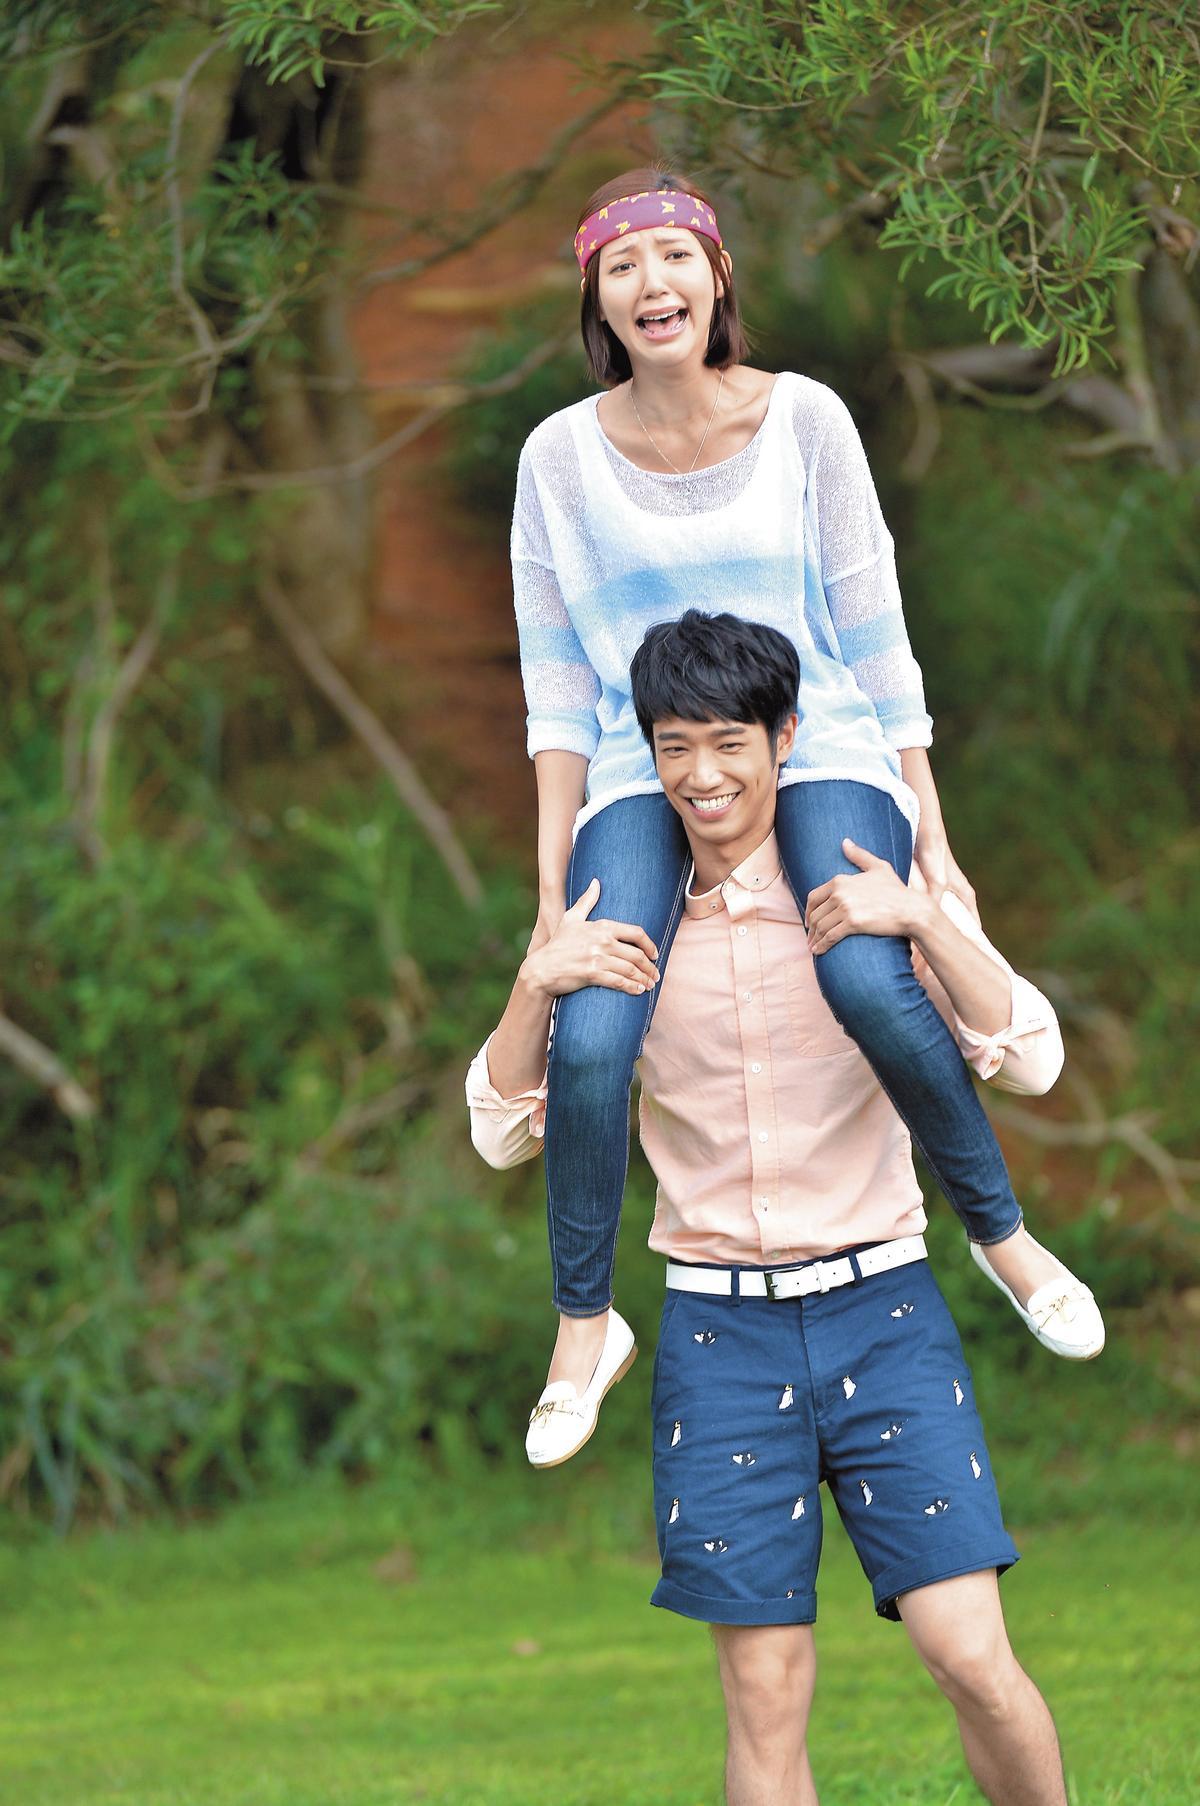 劉以豪和郭雪芙在偶像劇《喜歡一個人》談情說愛,兩人現在都成時尚品牌寵兒。